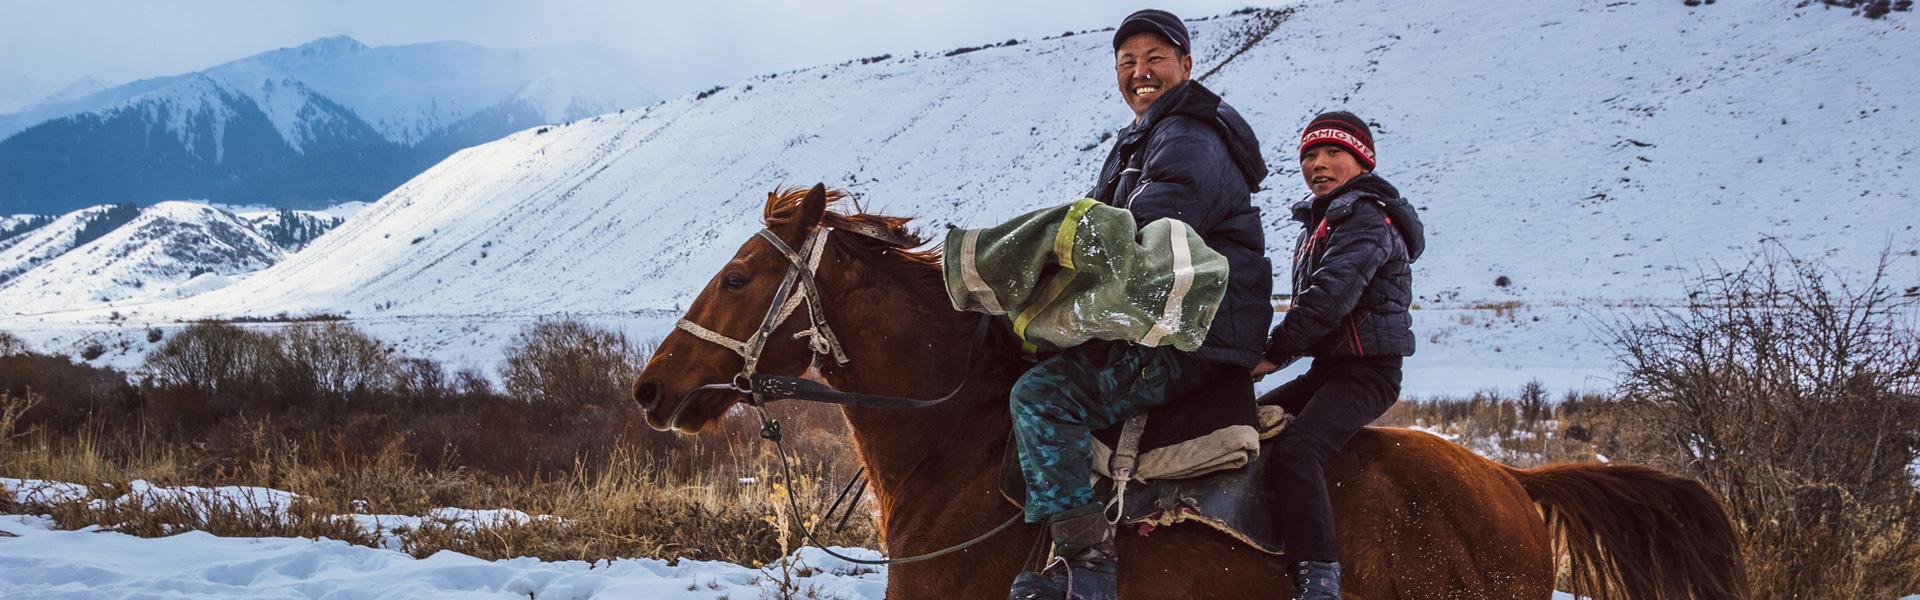 Paardrijden in Kirgizië